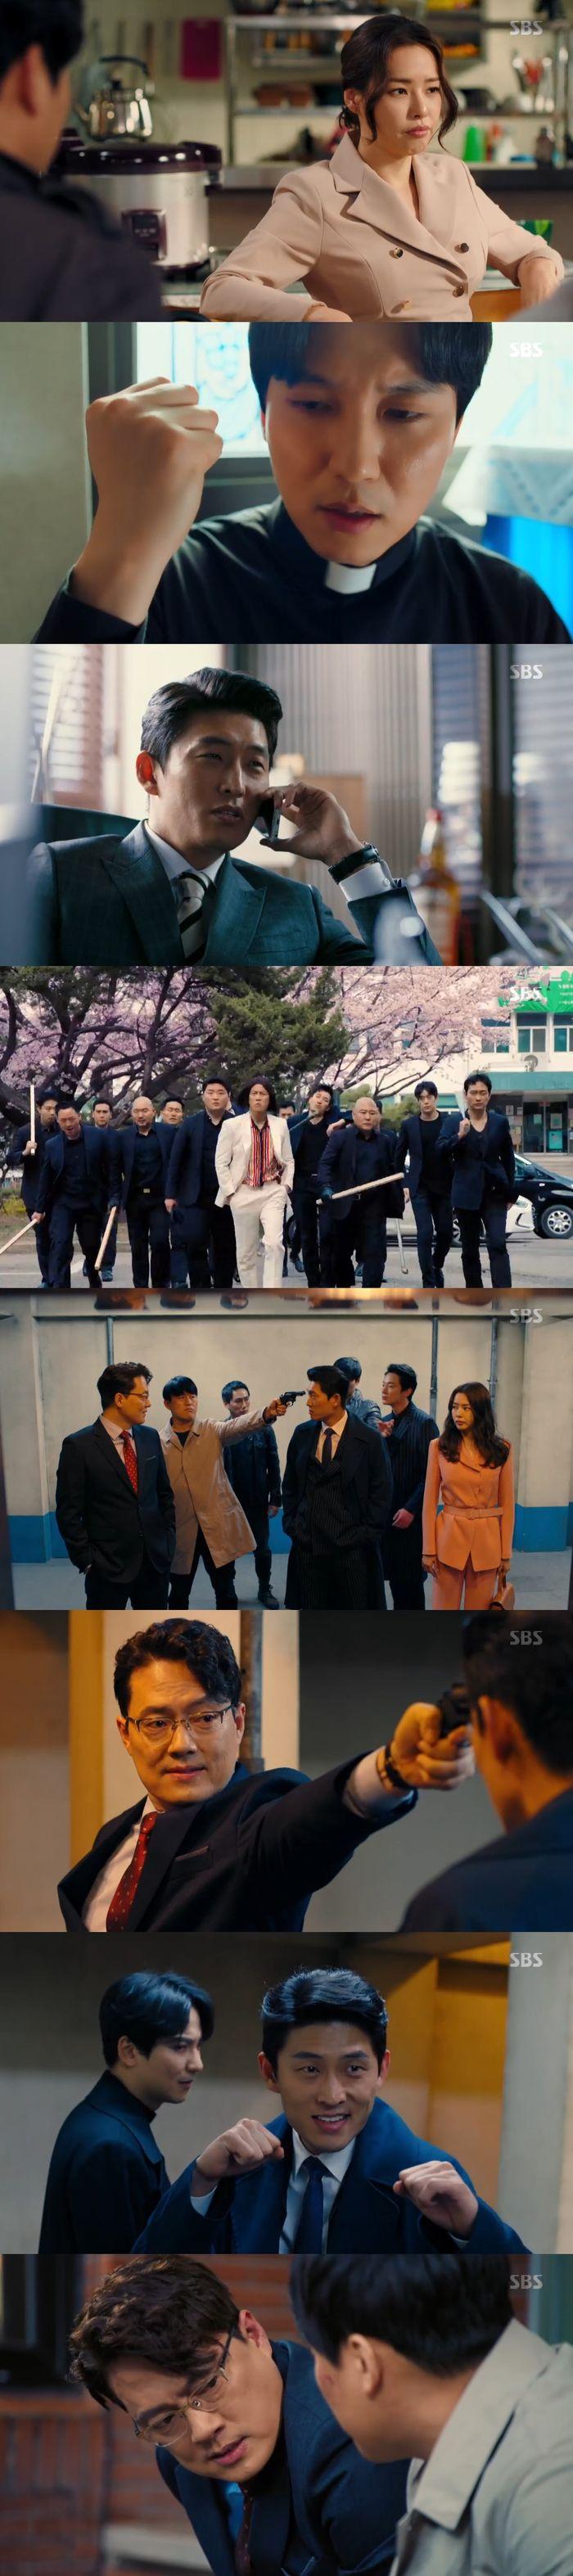 [스브스夜] '열혈사제' 김남길X고준, 김민재 상대로 2:2 몸싸움